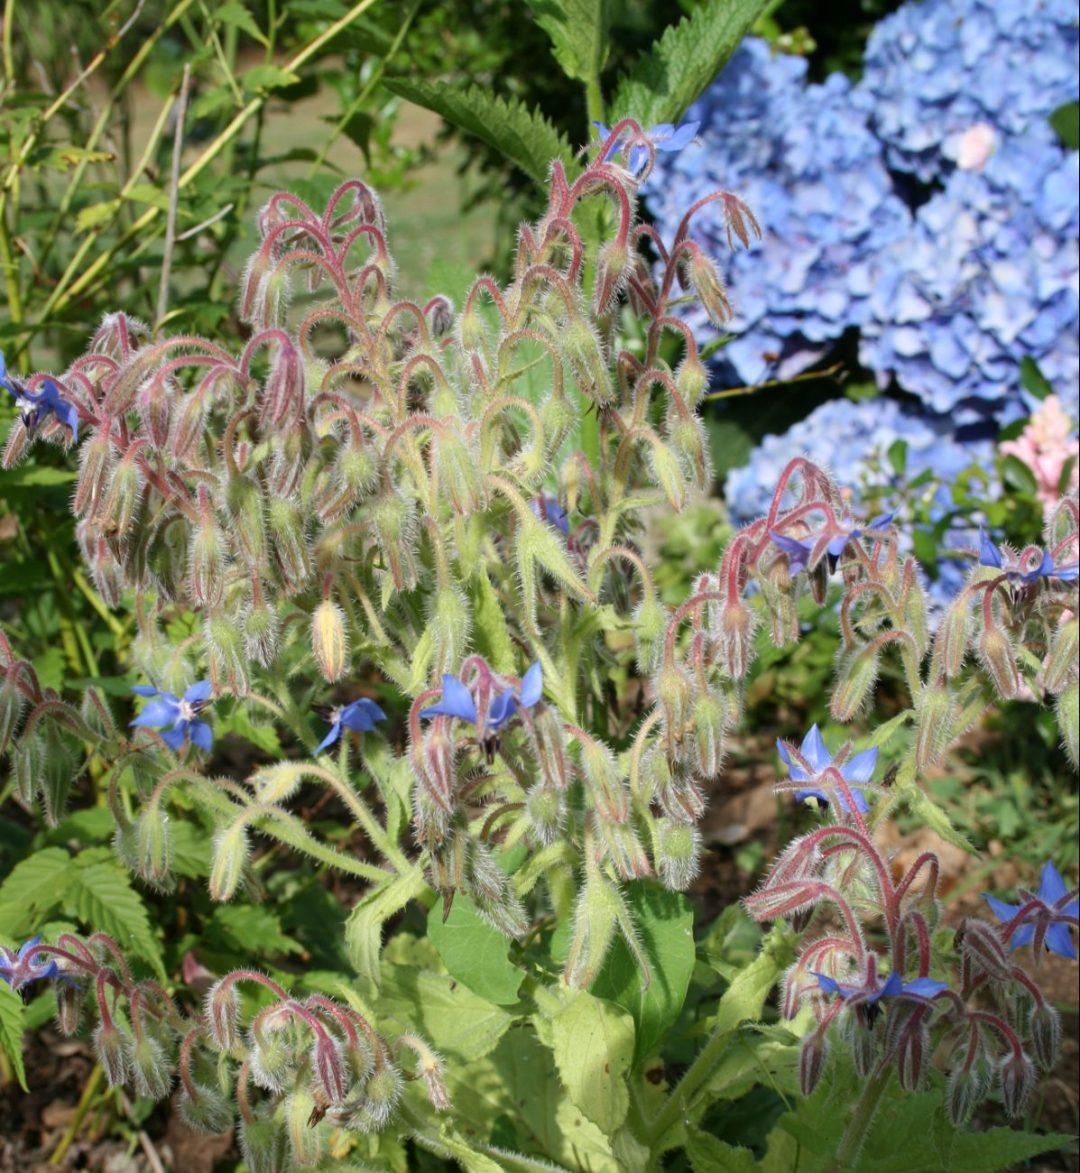 petites fleurs bleues de bourrache